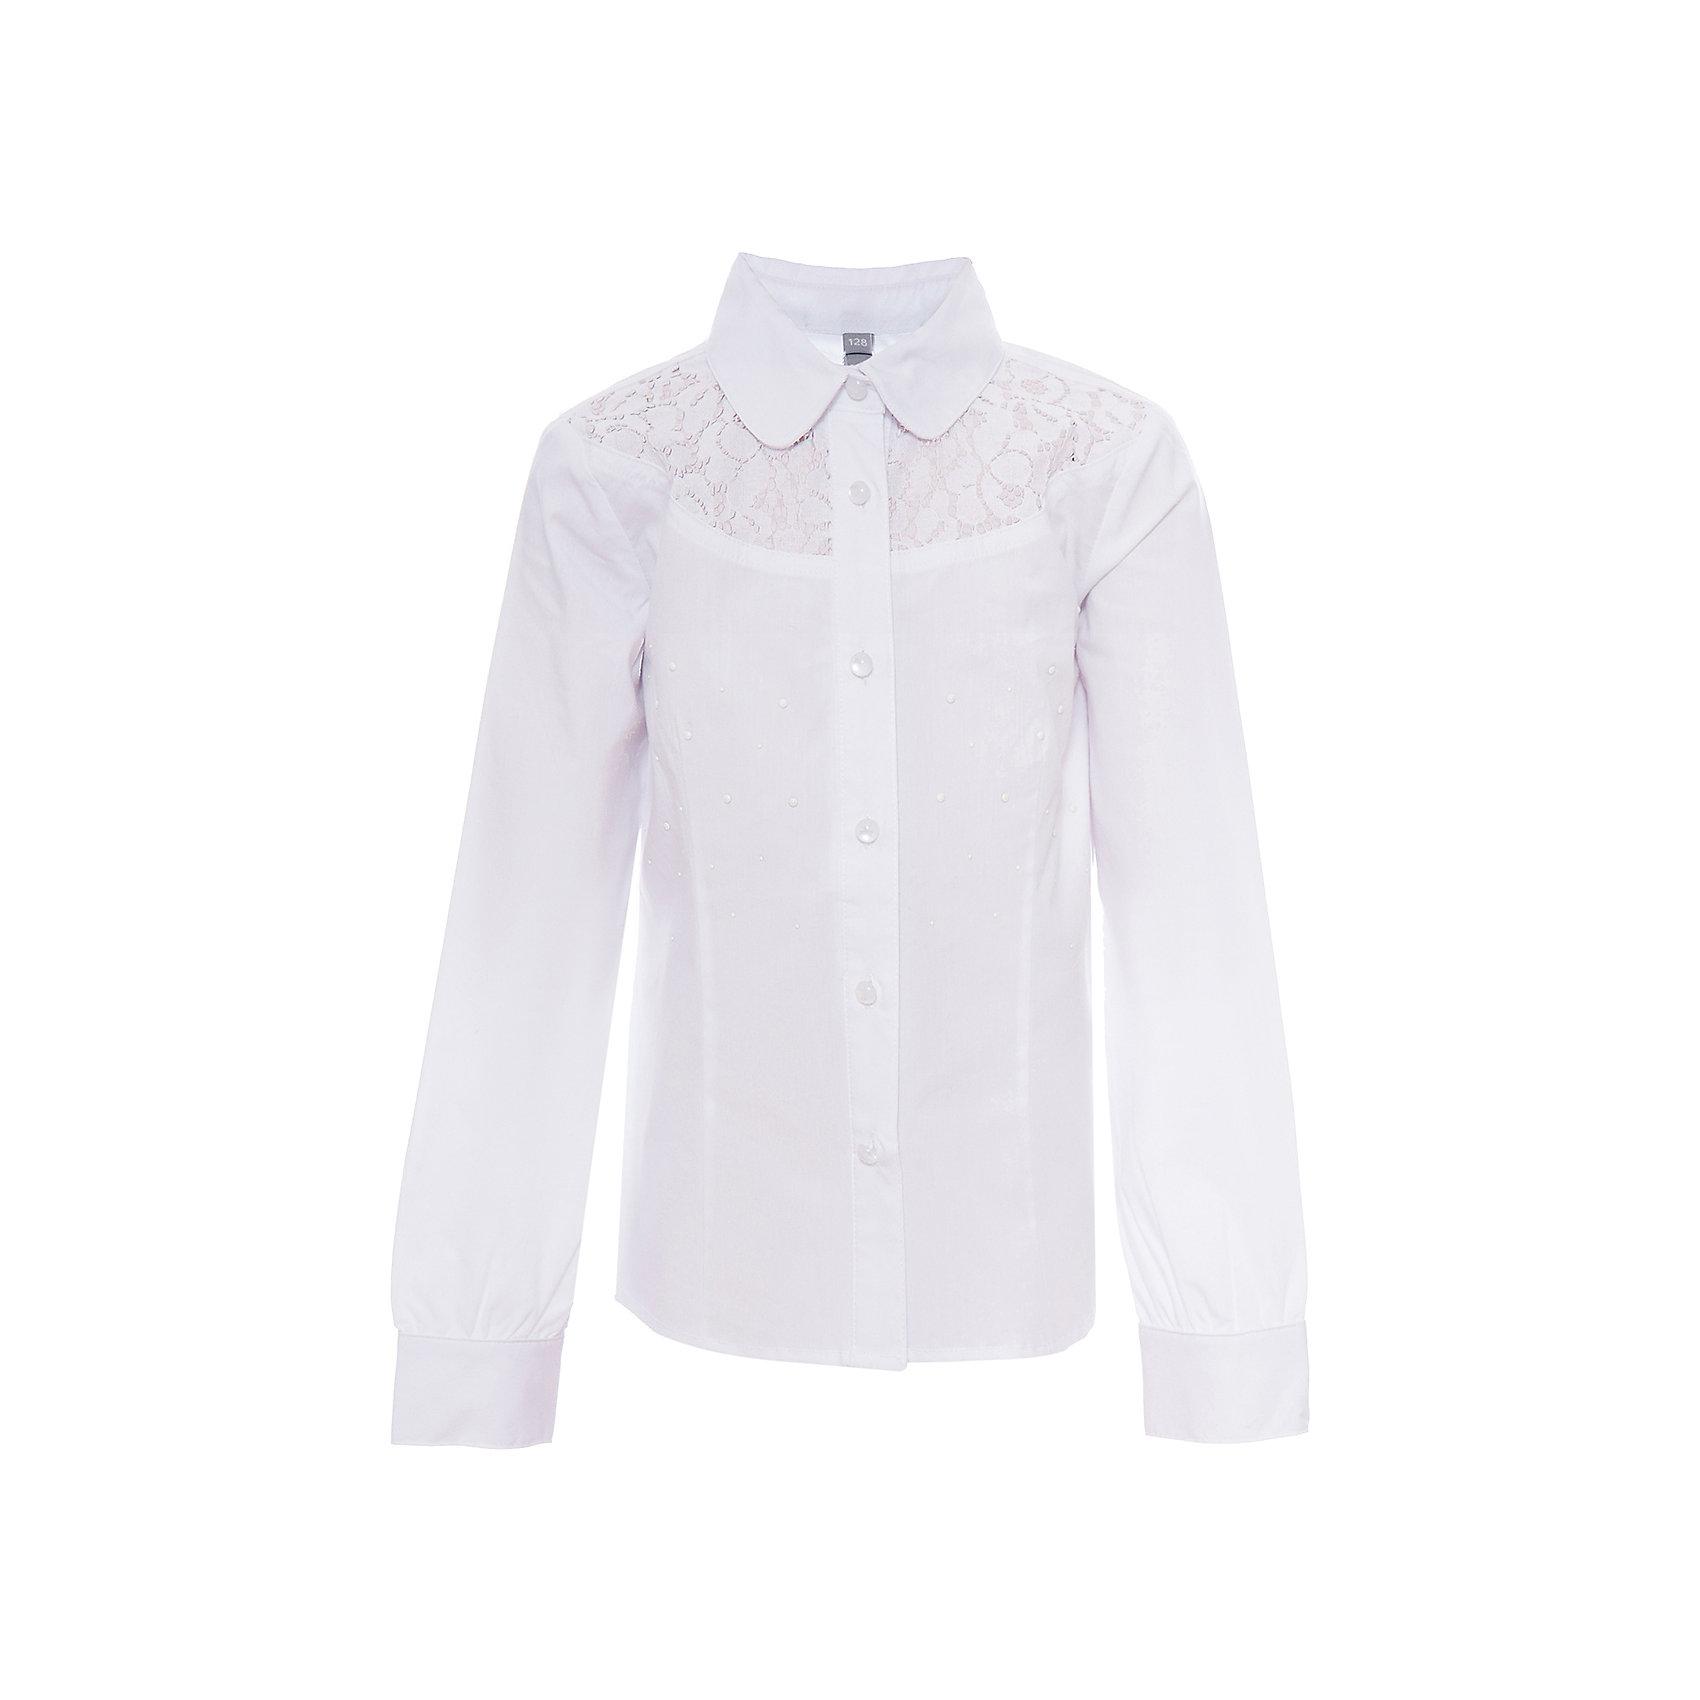 Блузка для девочки ScoolБлузки и рубашки<br>Блузка для девочки от известного бренда Scool<br>Состав:<br>65% хлопок, 32% полиэстер, 3% эластан<br>Нежная женственная блузка, будто из романа о Джейн Эйр. Кокетка из ажурного кружева. Украшена белыми металлизированными стразами. Застегивается на перламутровые пуговки-капельки.<br><br>Ширина мм: 186<br>Глубина мм: 87<br>Высота мм: 198<br>Вес г: 197<br>Цвет: белый<br>Возраст от месяцев: 72<br>Возраст до месяцев: 84<br>Пол: Женский<br>Возраст: Детский<br>Размер: 122,128,164,158,146,140,134,152<br>SKU: 4686966